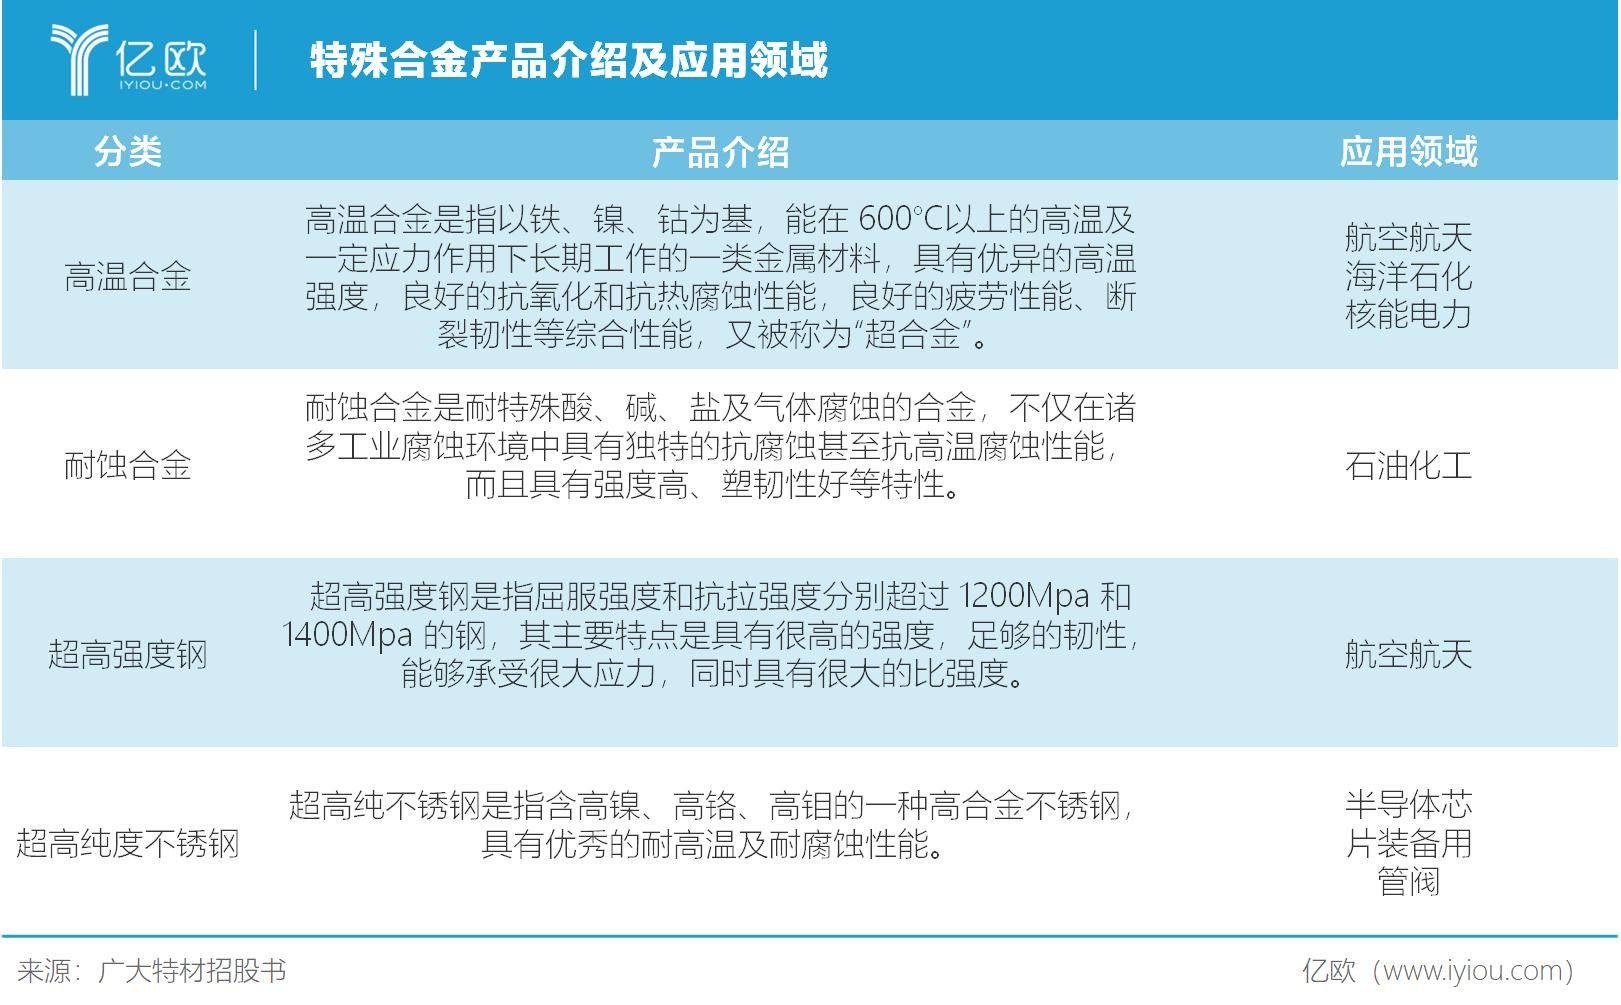 特殊合金产品介绍及应用领域